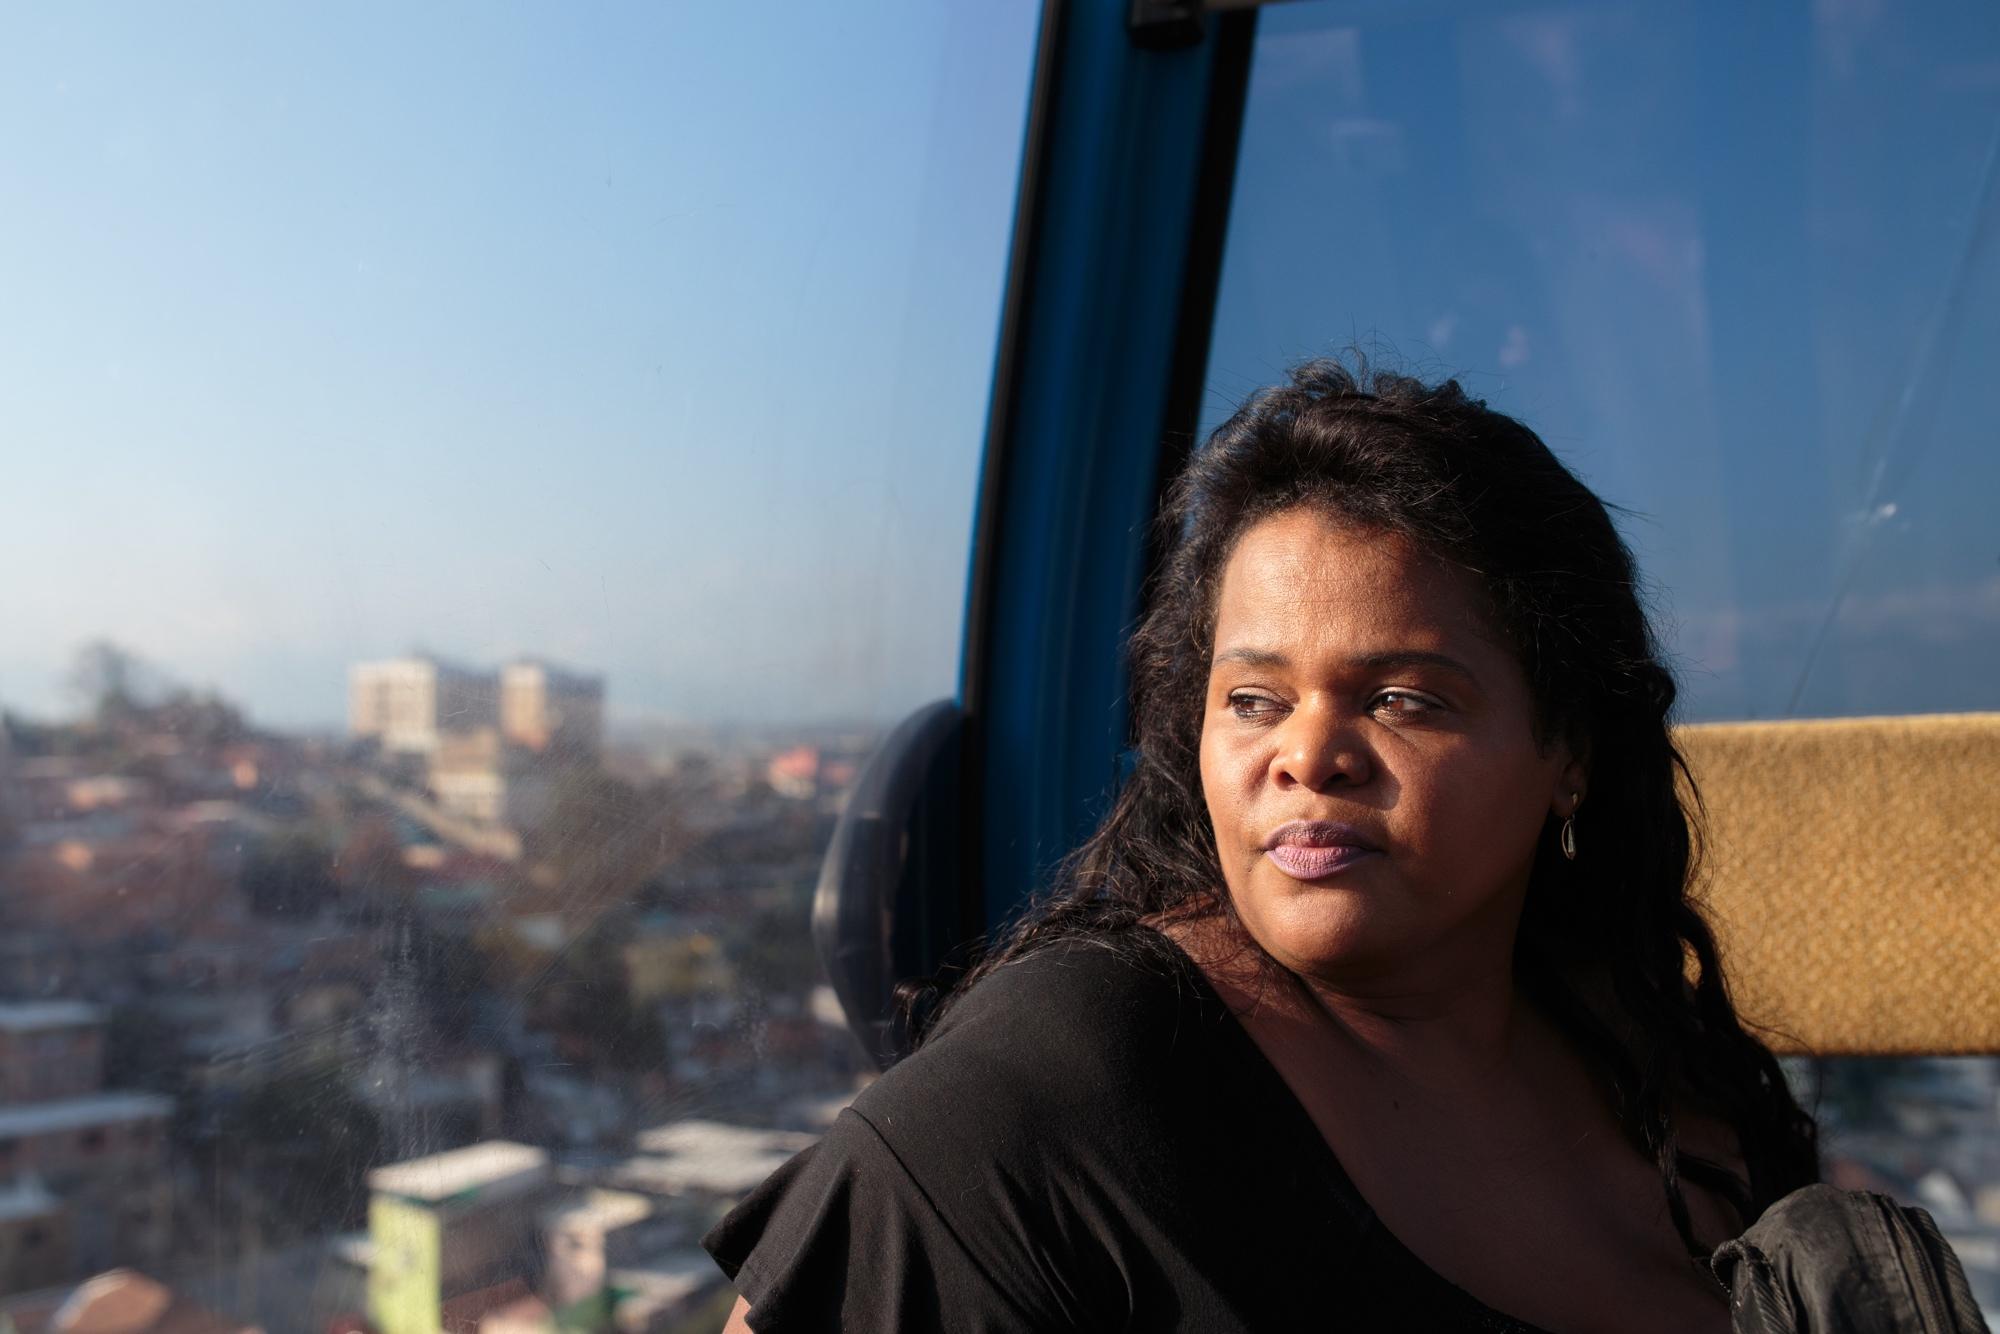 A sambista Nana Batista, observa o Complexo do Alemão do alto do teleférico.